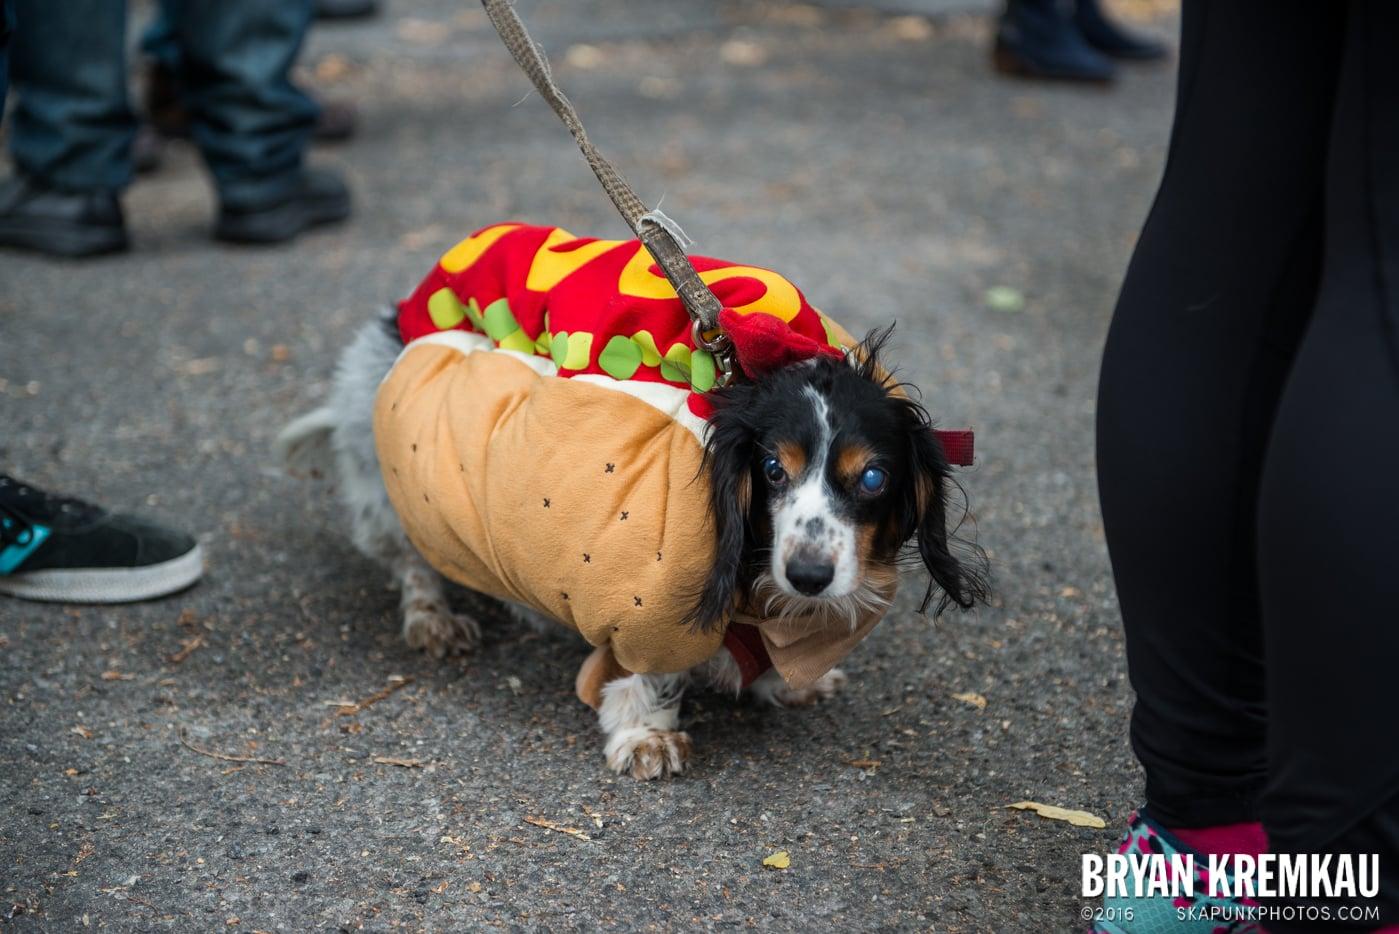 Tompkins Square Halloween Dog Parade 2015 @ Tompkins Square Park, NYC – 10.24.15 (39)